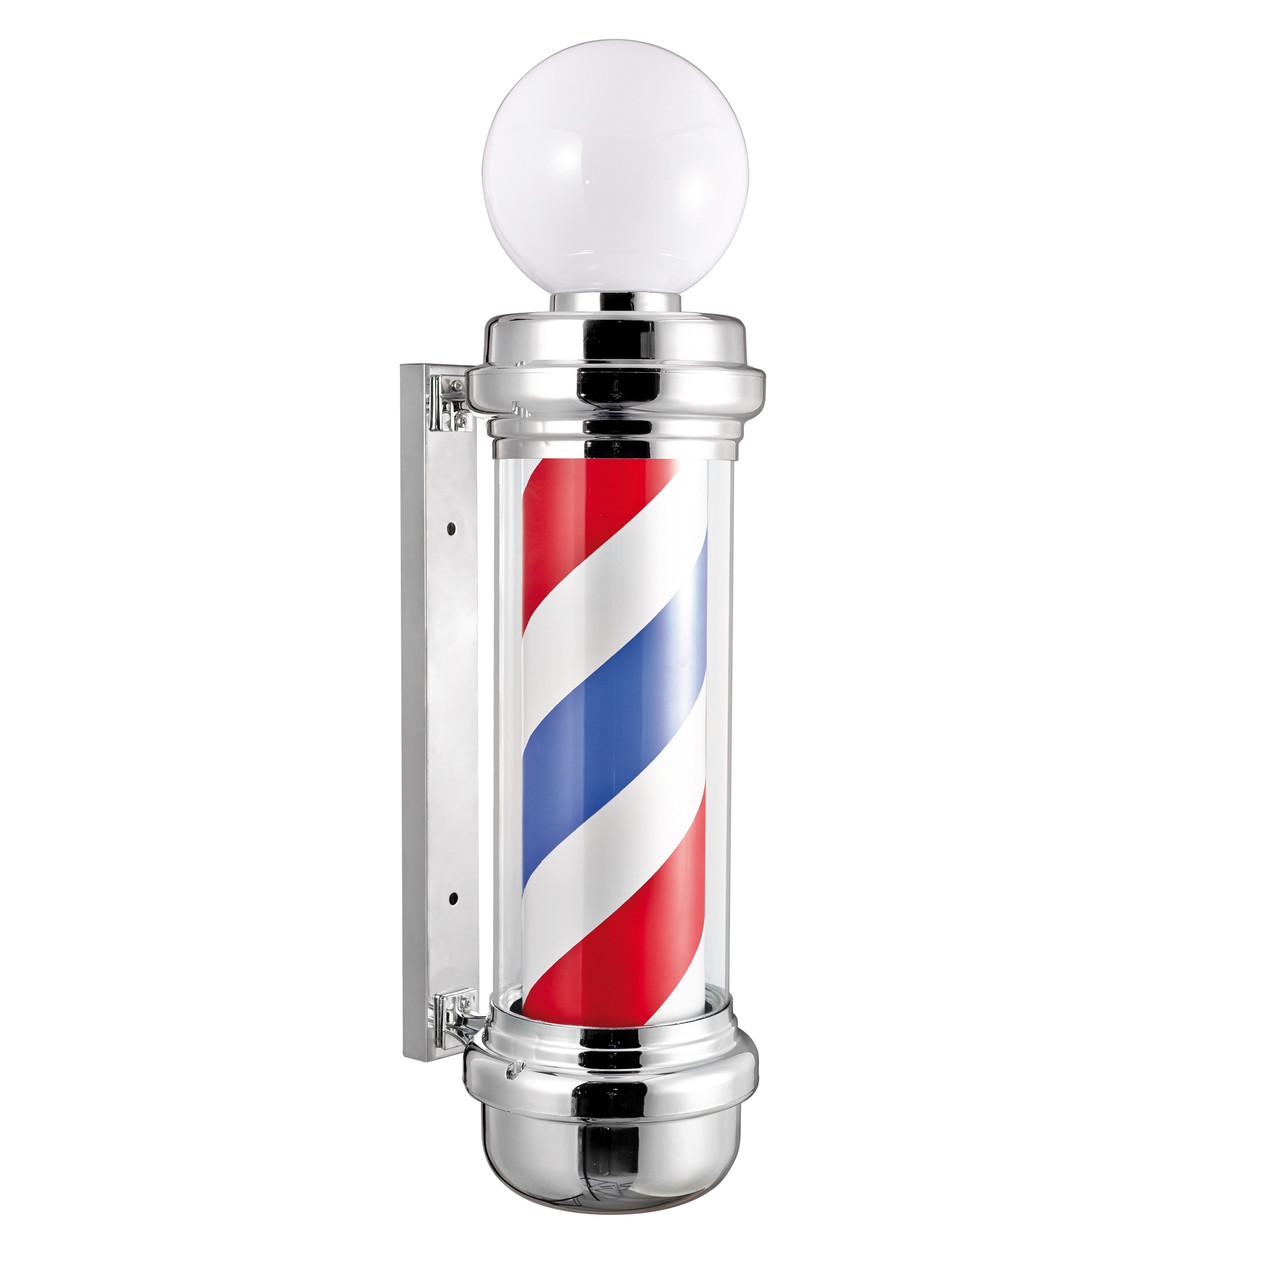 Знак Барбер пул Стійка рекламна Barbers Pole хром з плафоном 85x31x23 см Іспанія